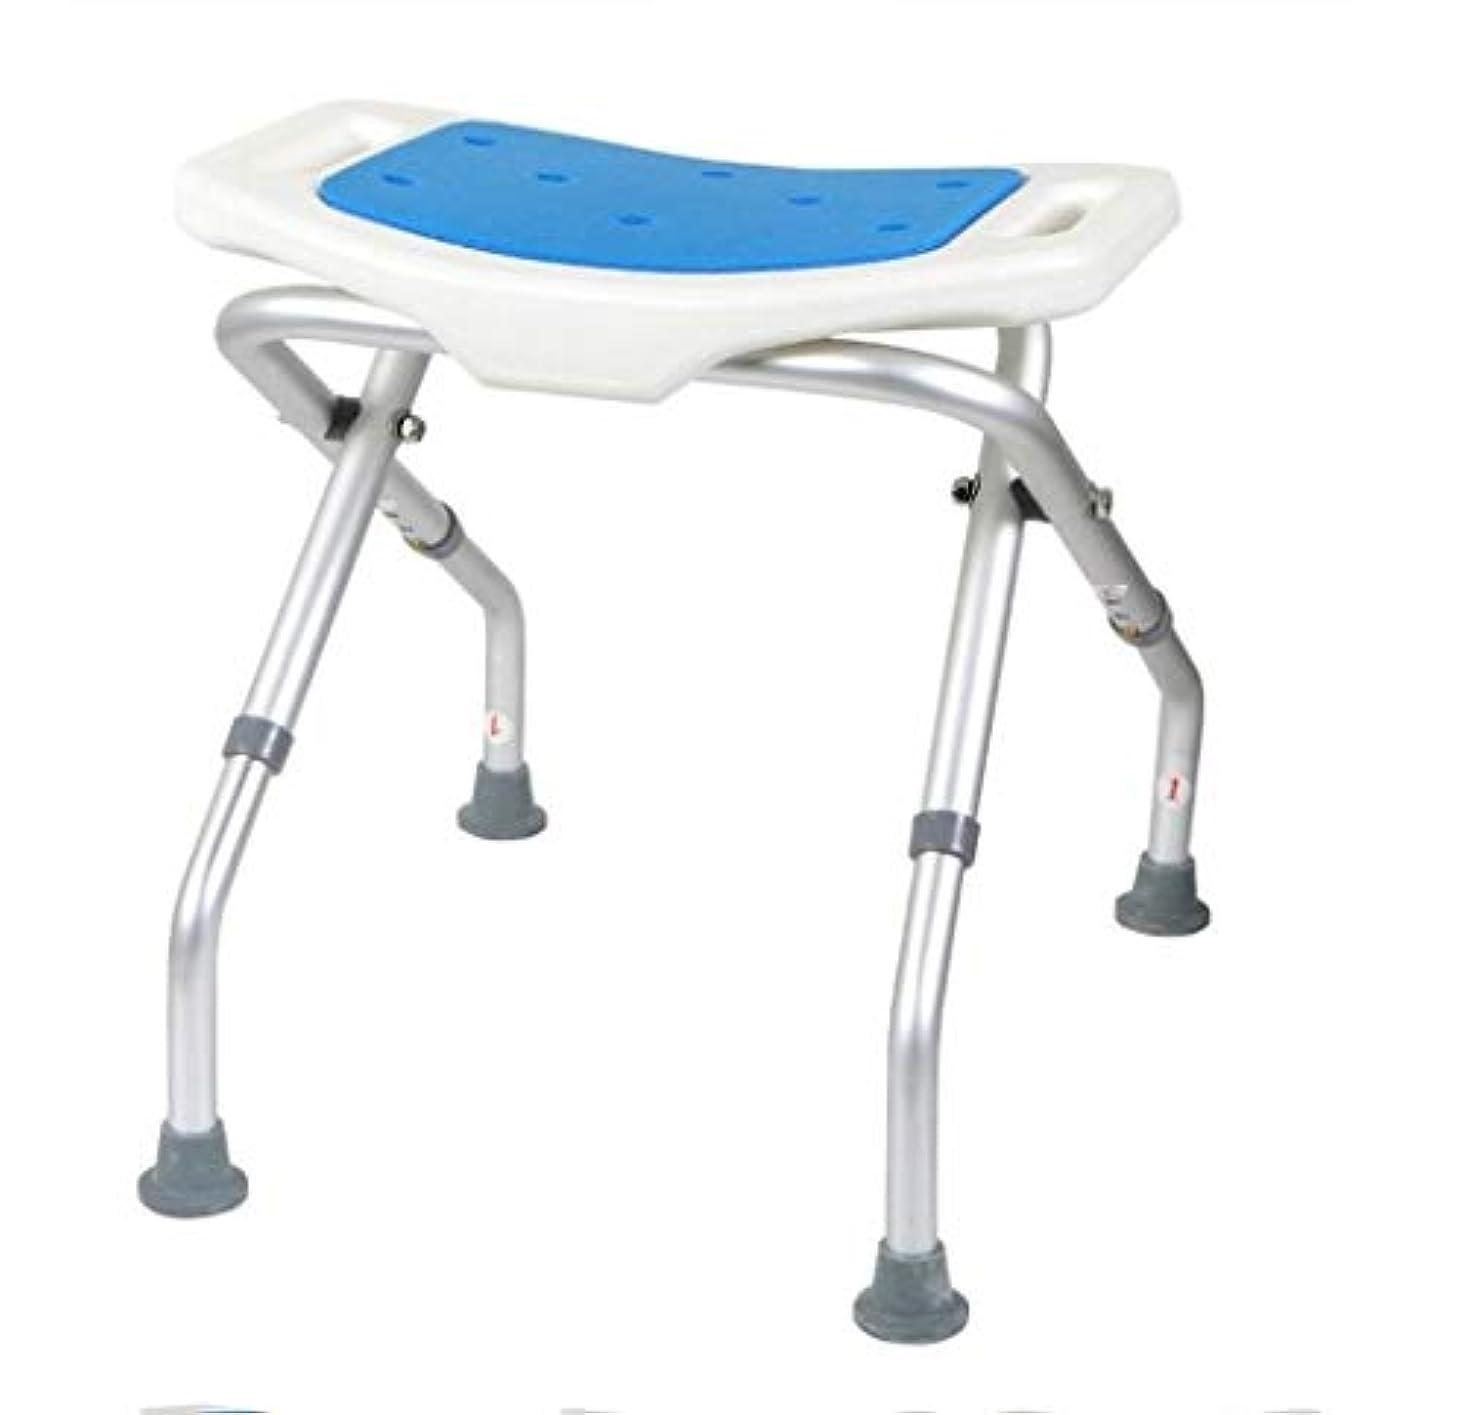 スーダンバイパス歪める軽量高さ調節可能なシャワースツール、バスルームシート、シャワーチェア、高齢者用入浴用品、身体障害者用、バスシートベンチ